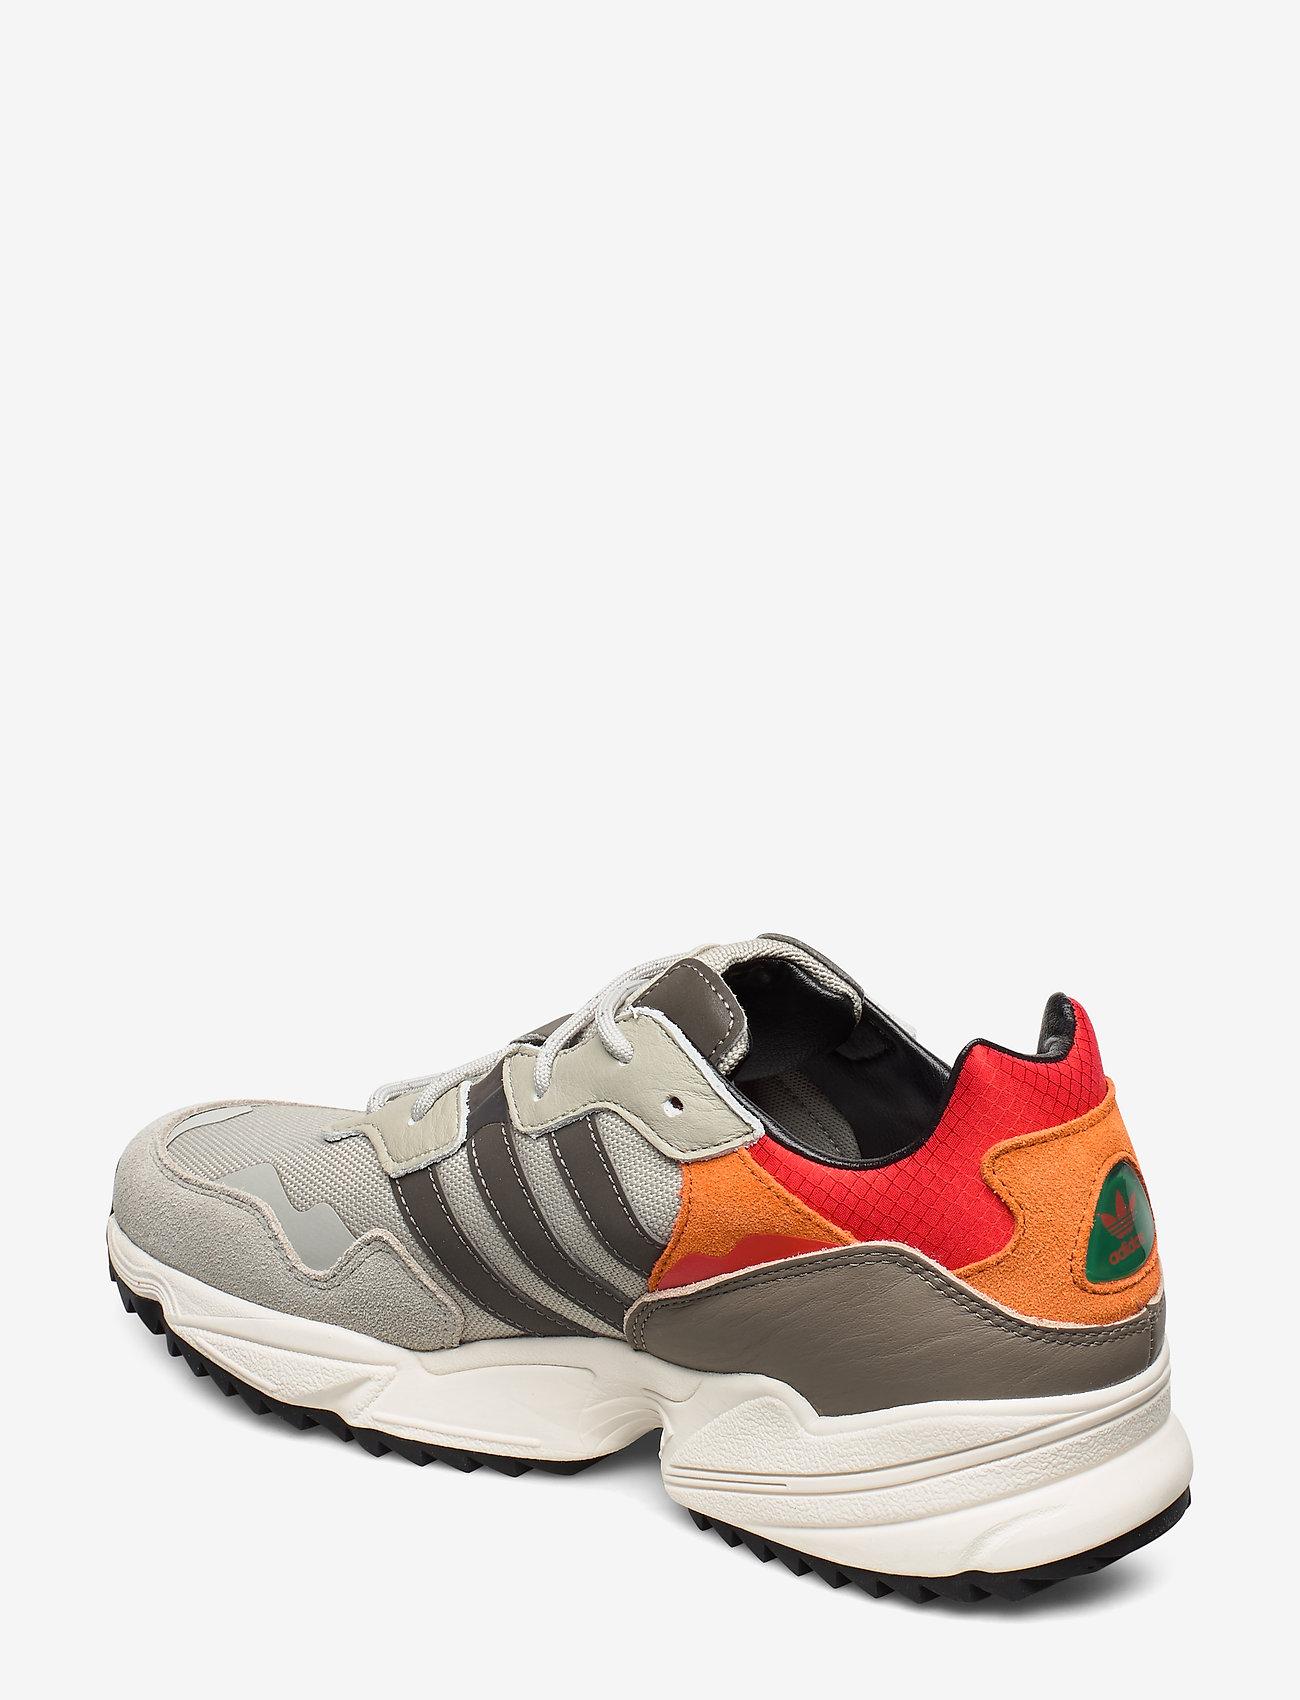 Yung-96 Trail (Sesame/trgrme/owhite) - adidas Originals